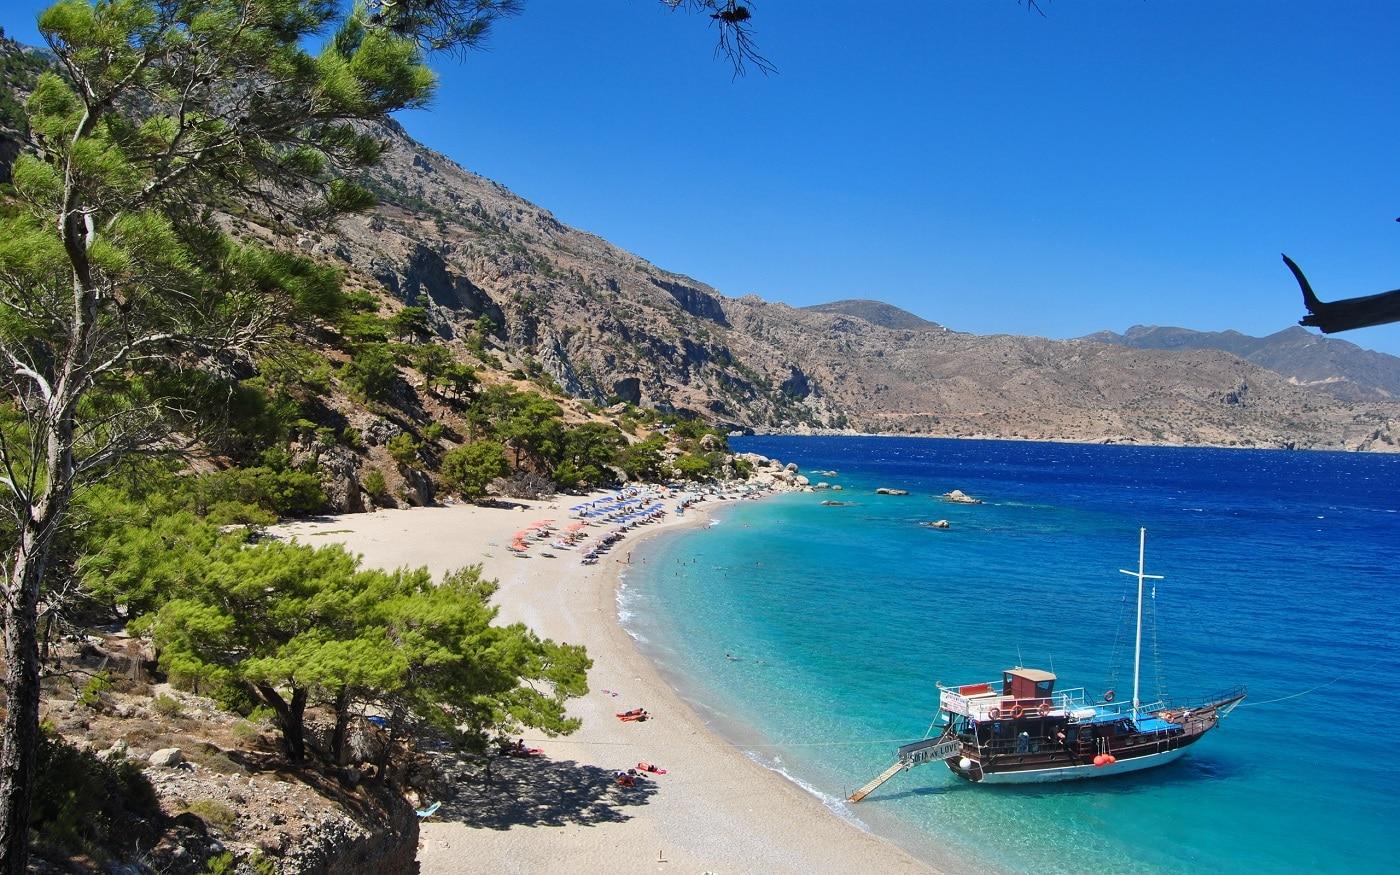 Plajele din Creta sunt cea mai bună manieră de relaxare